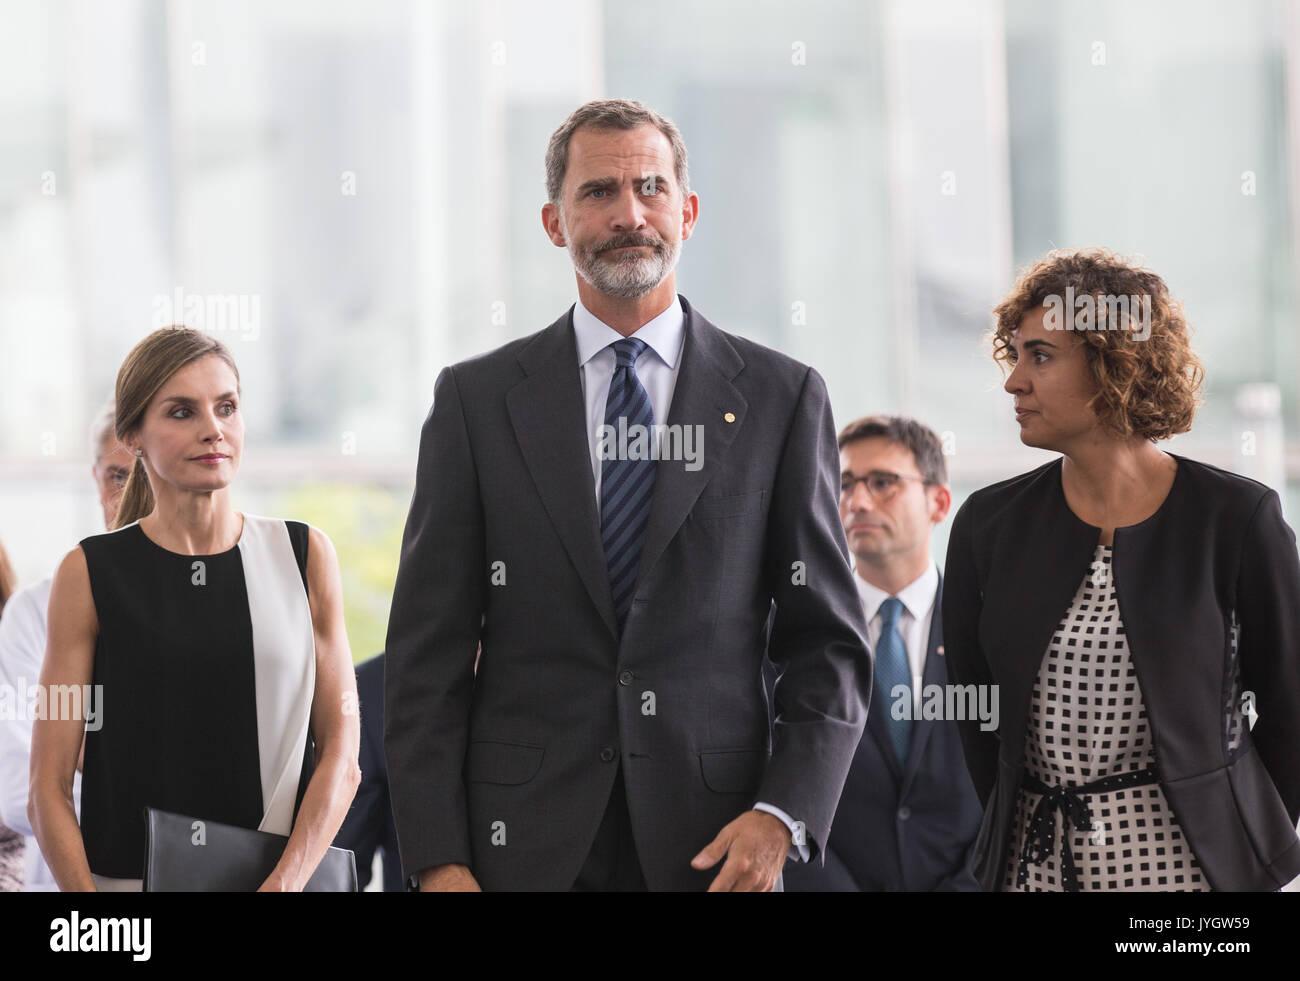 Barcelone, Espagne. Août 19, 2017. Le roi d'Espagne Felipe VI (avant C) et de la Reine Letizia (L) avant d'arriver Banque D'Images